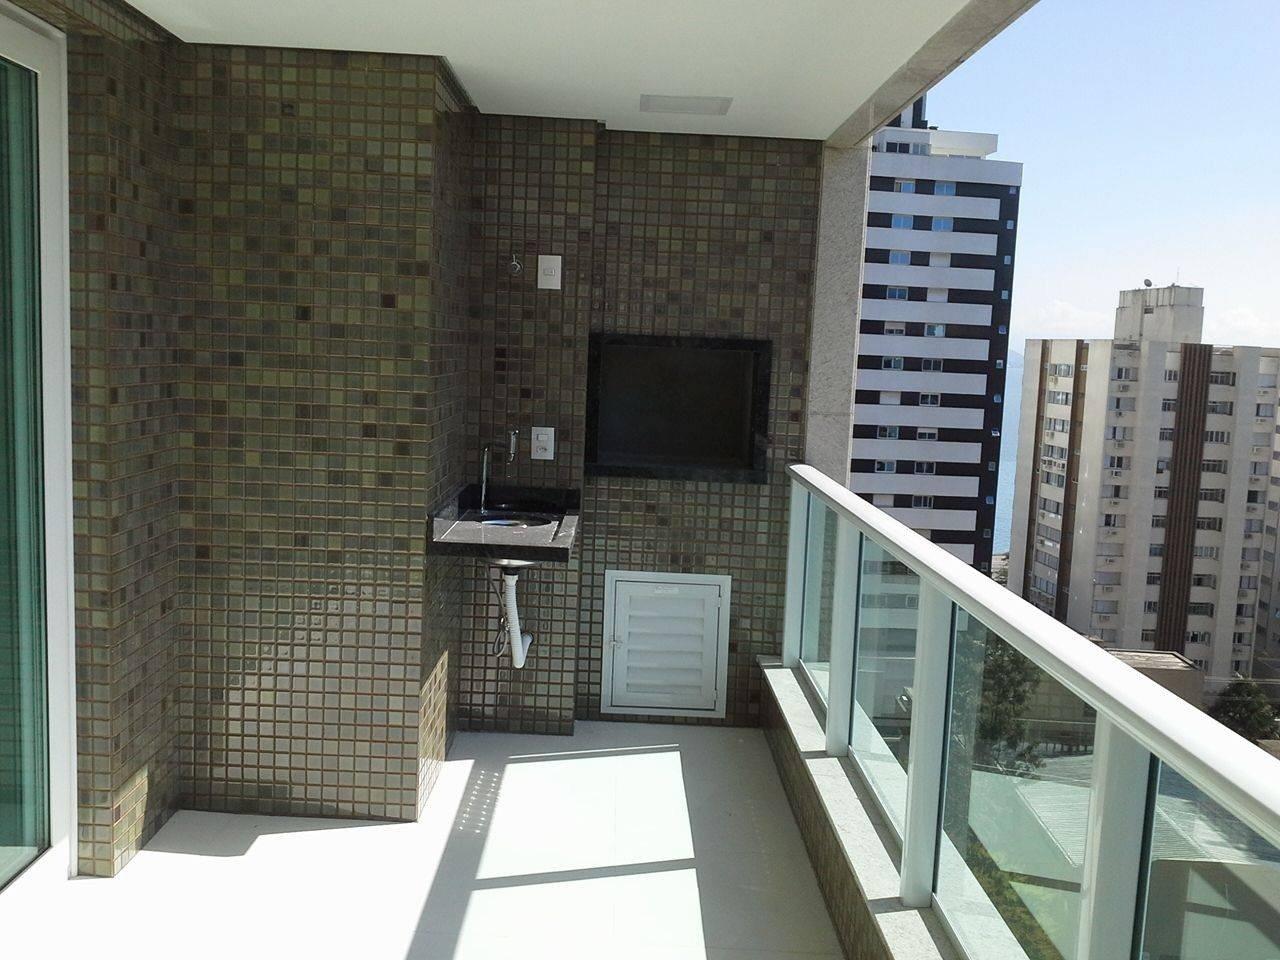 Apartamentos de 3 dormitórios à venda em Agronomica Florianópolis  #466E85 1280x960 Banheiro Container Florianopolis